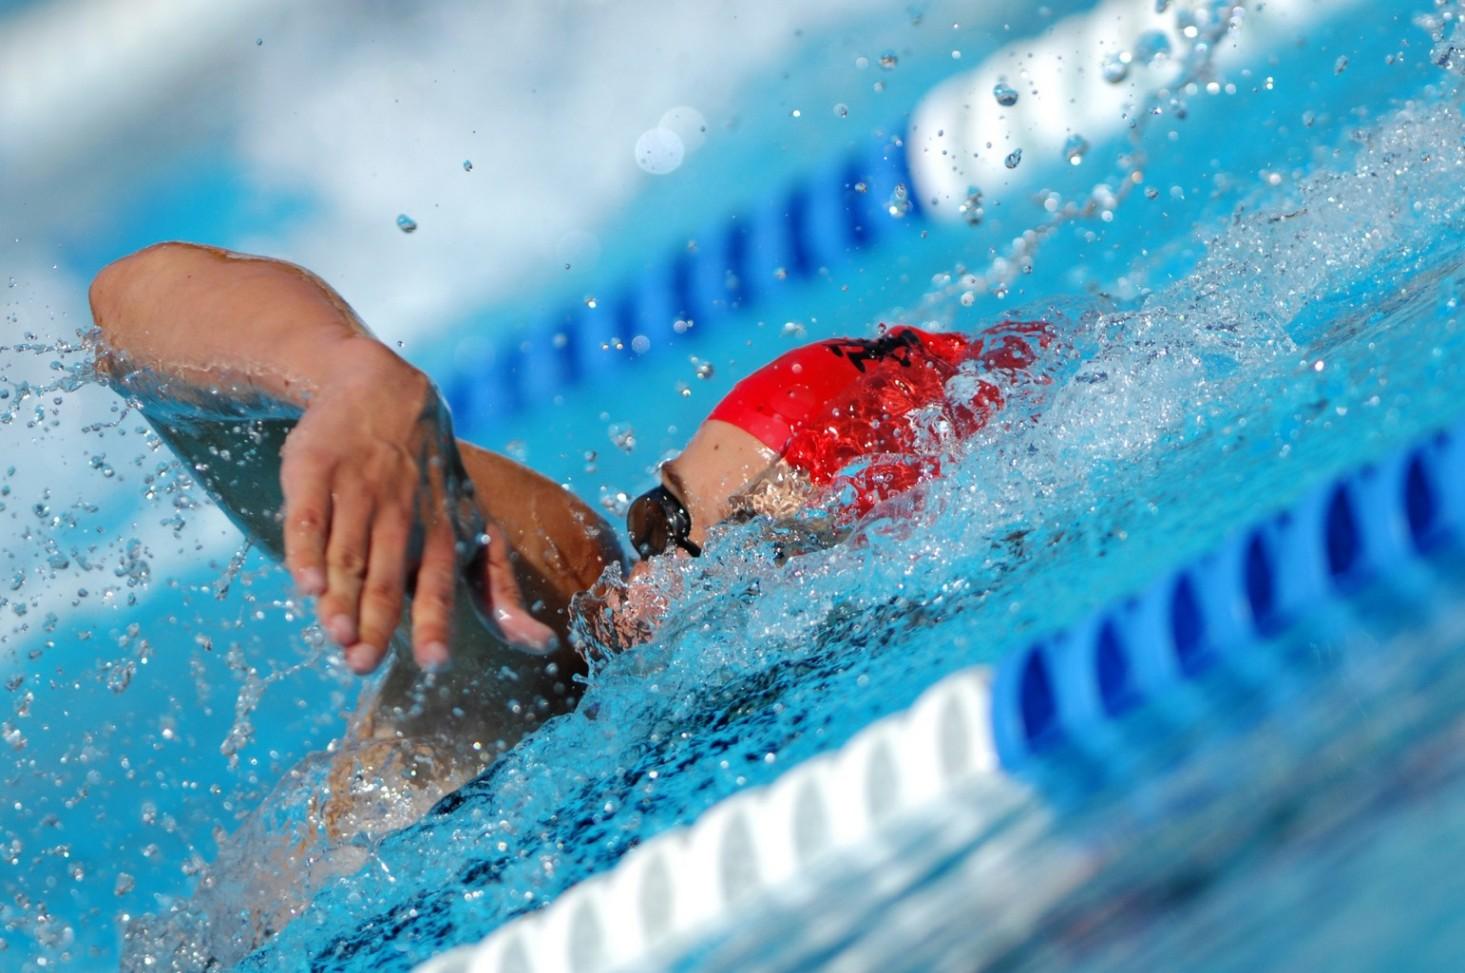 La natation, c'est ma passion depuis longtemps.